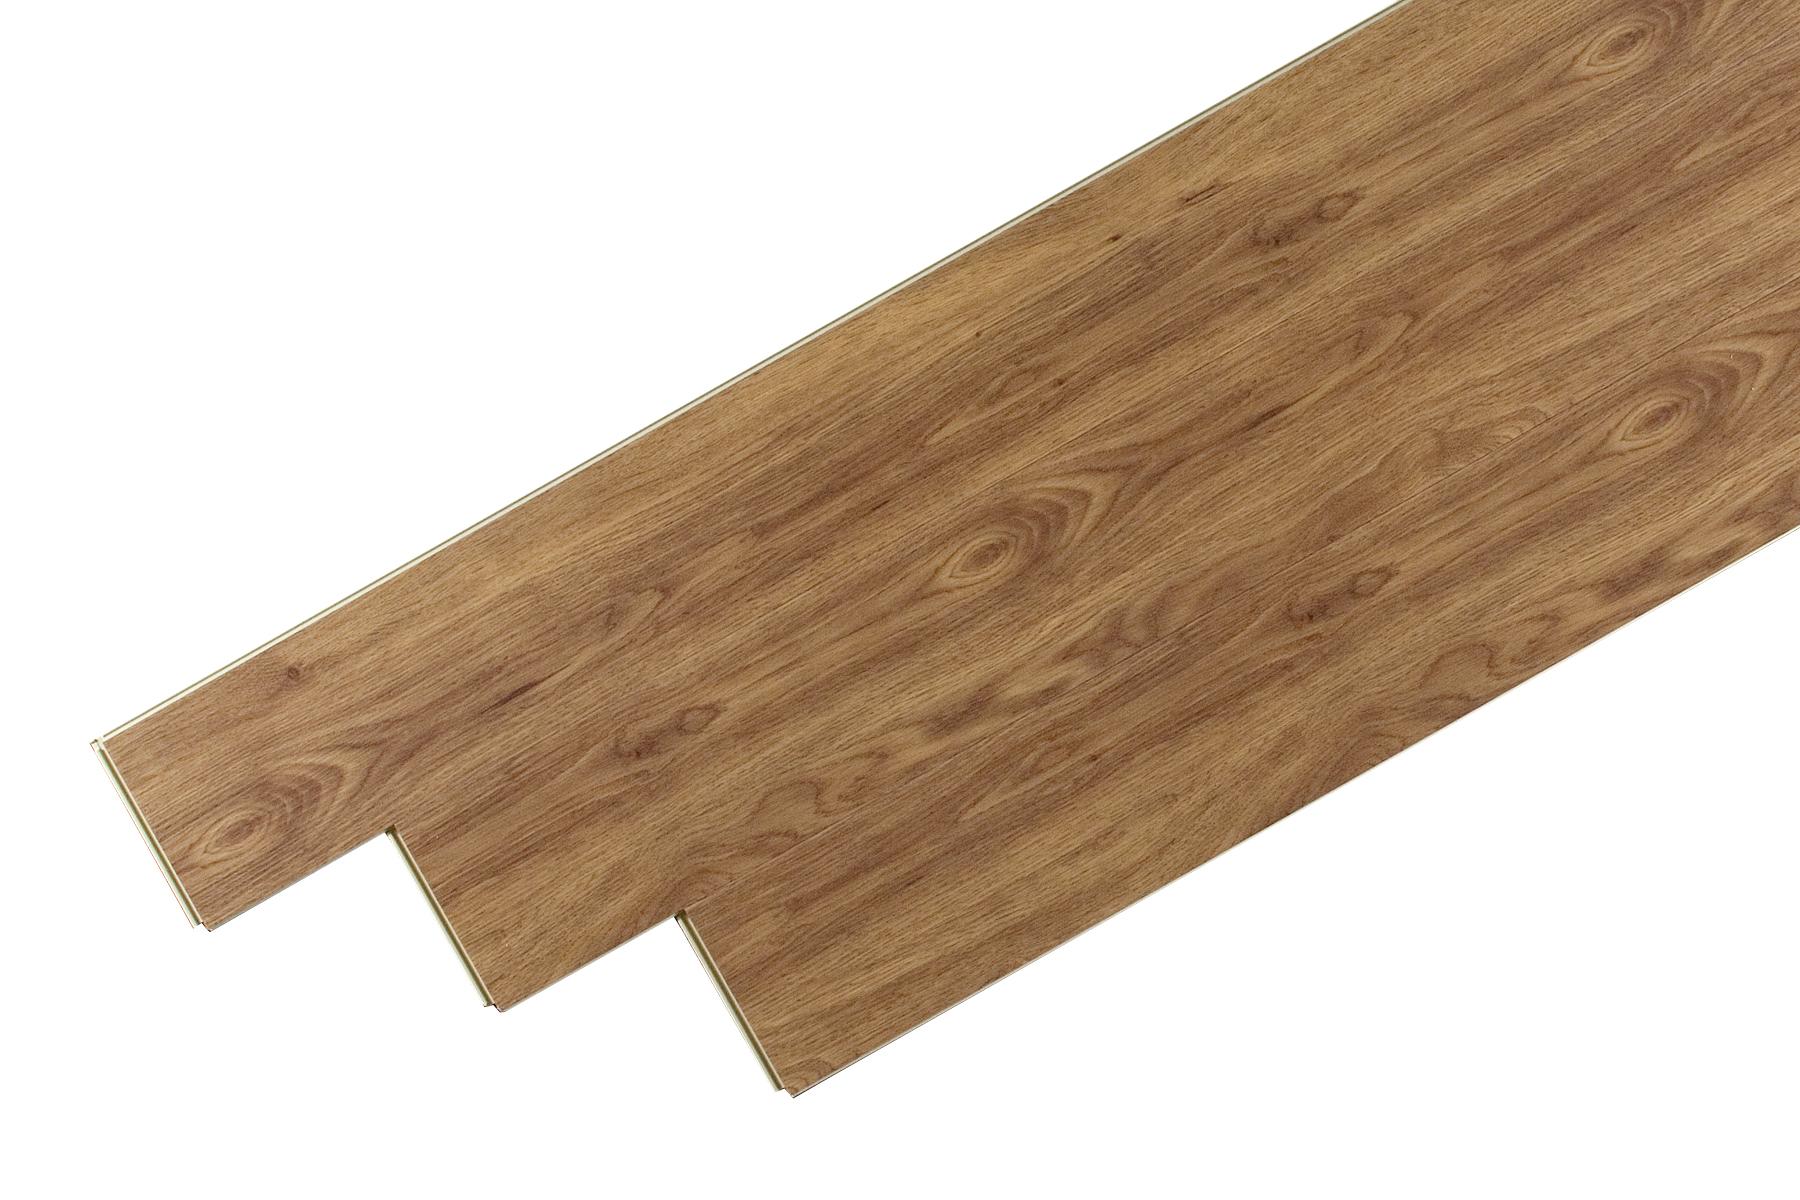 Composite Flooring Oak Cannelle Les Planchers Payless